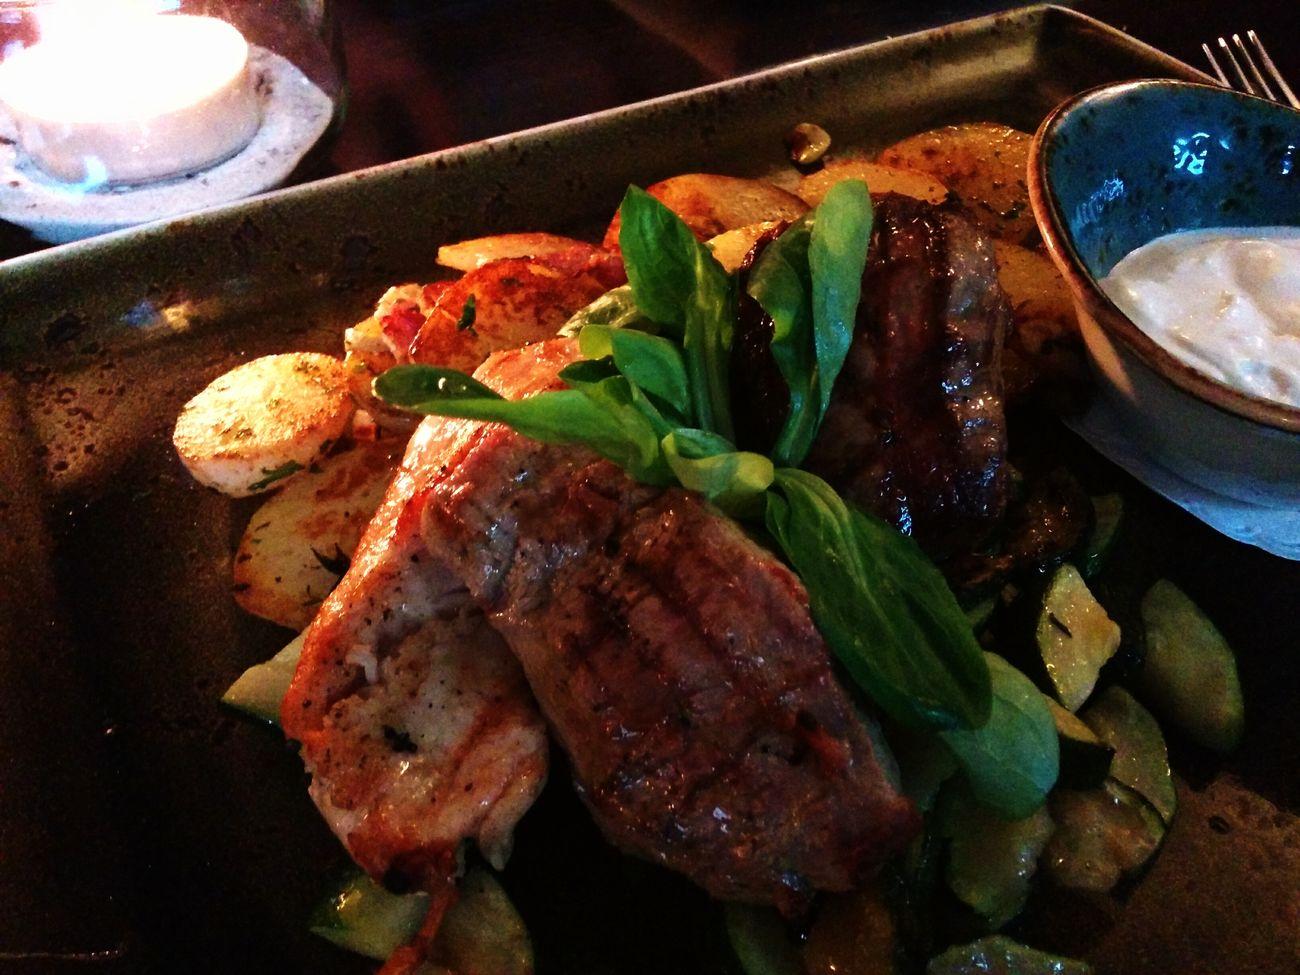 Dreierlei kleine Steaks - ganz prima!